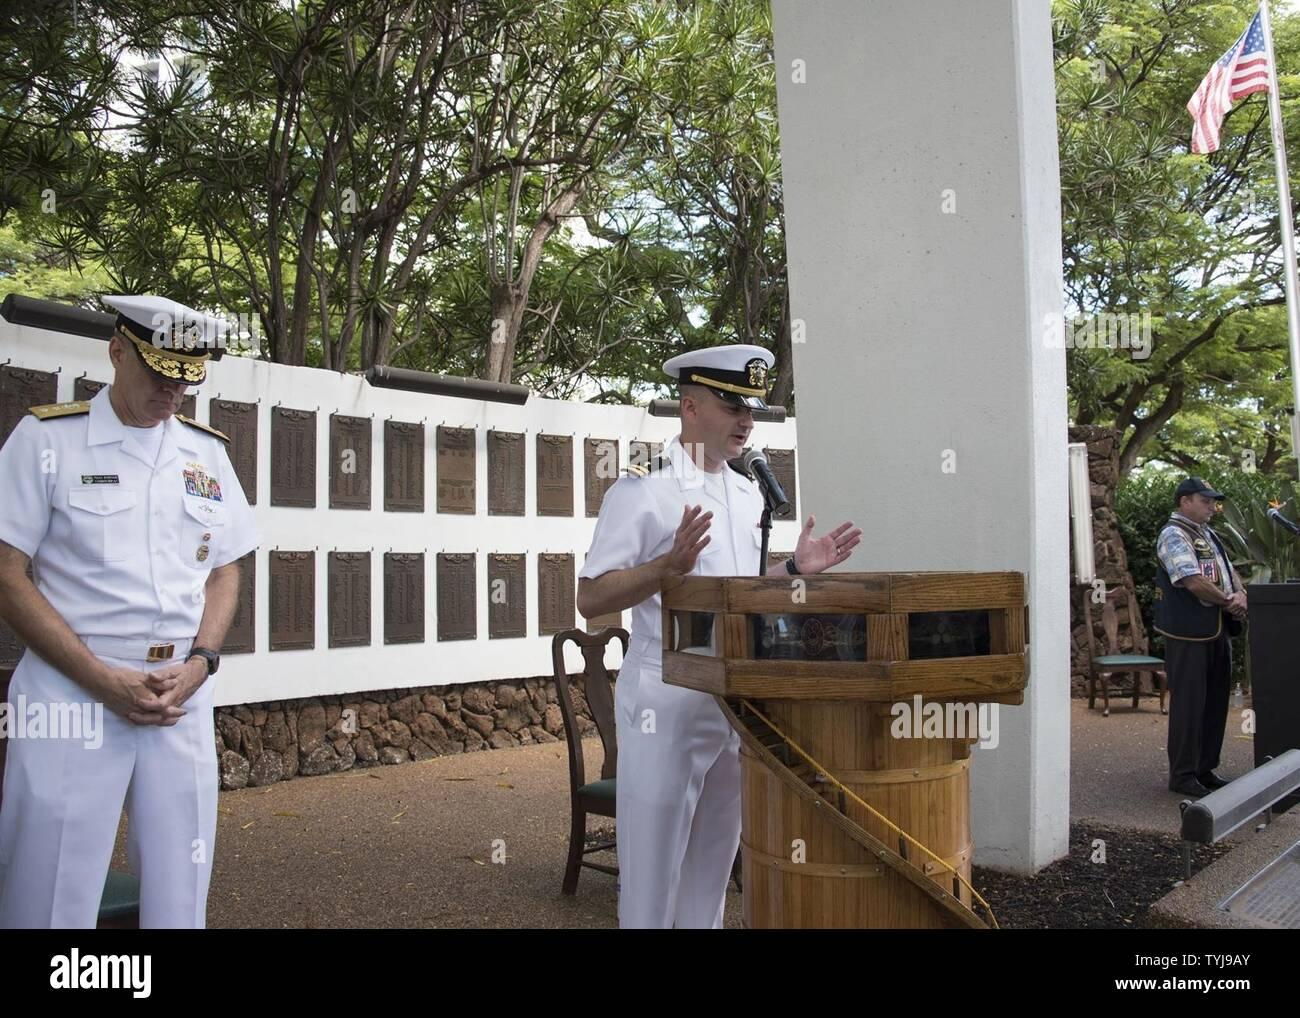 uss parche submarine memorial park stock photos & uss parche